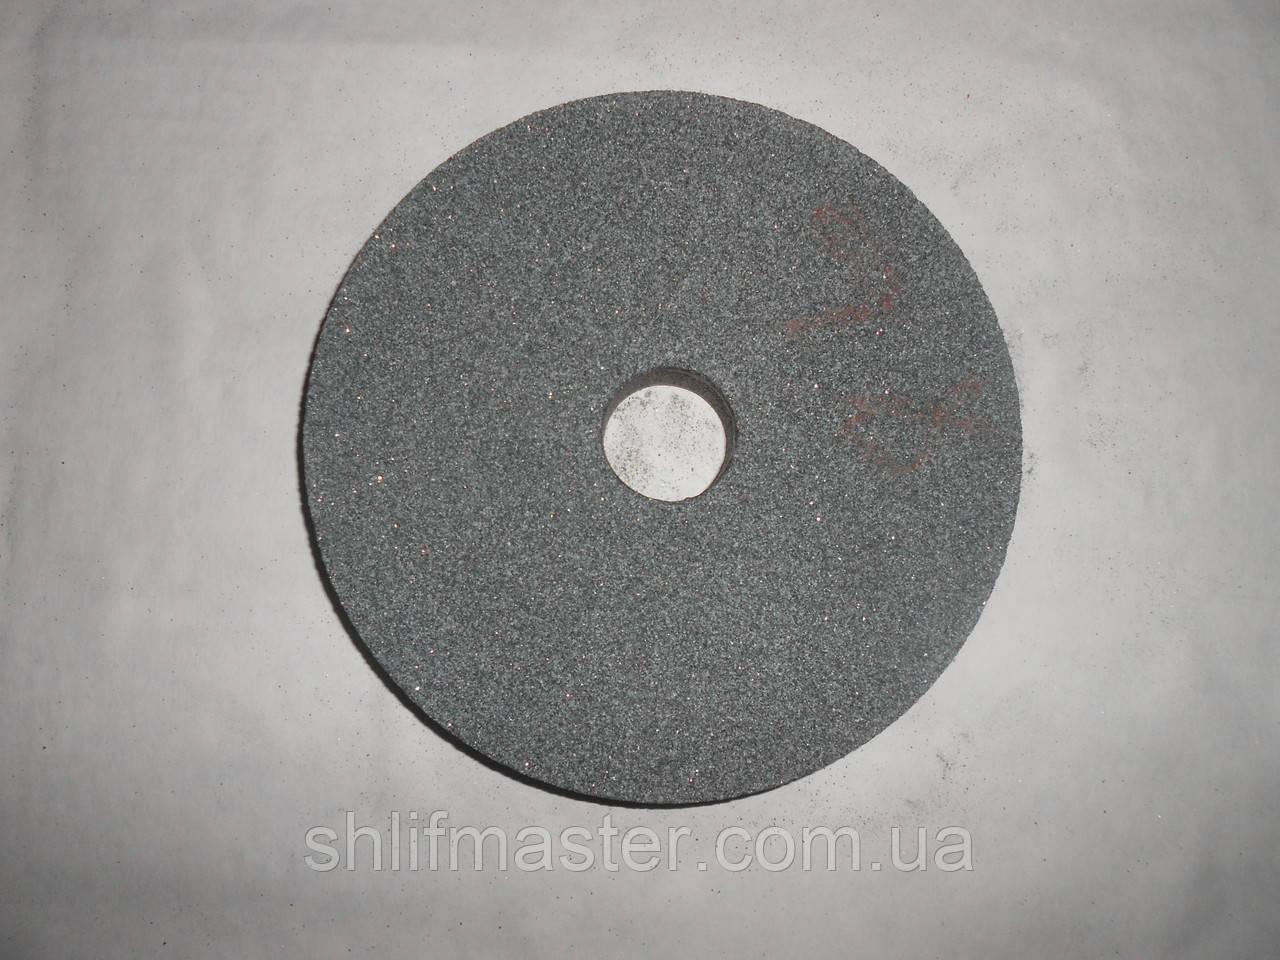 Круг абразивный шлифовальный из карбида кремния 64С (зеленый) 150х25х32 25-40 СМ-СТ